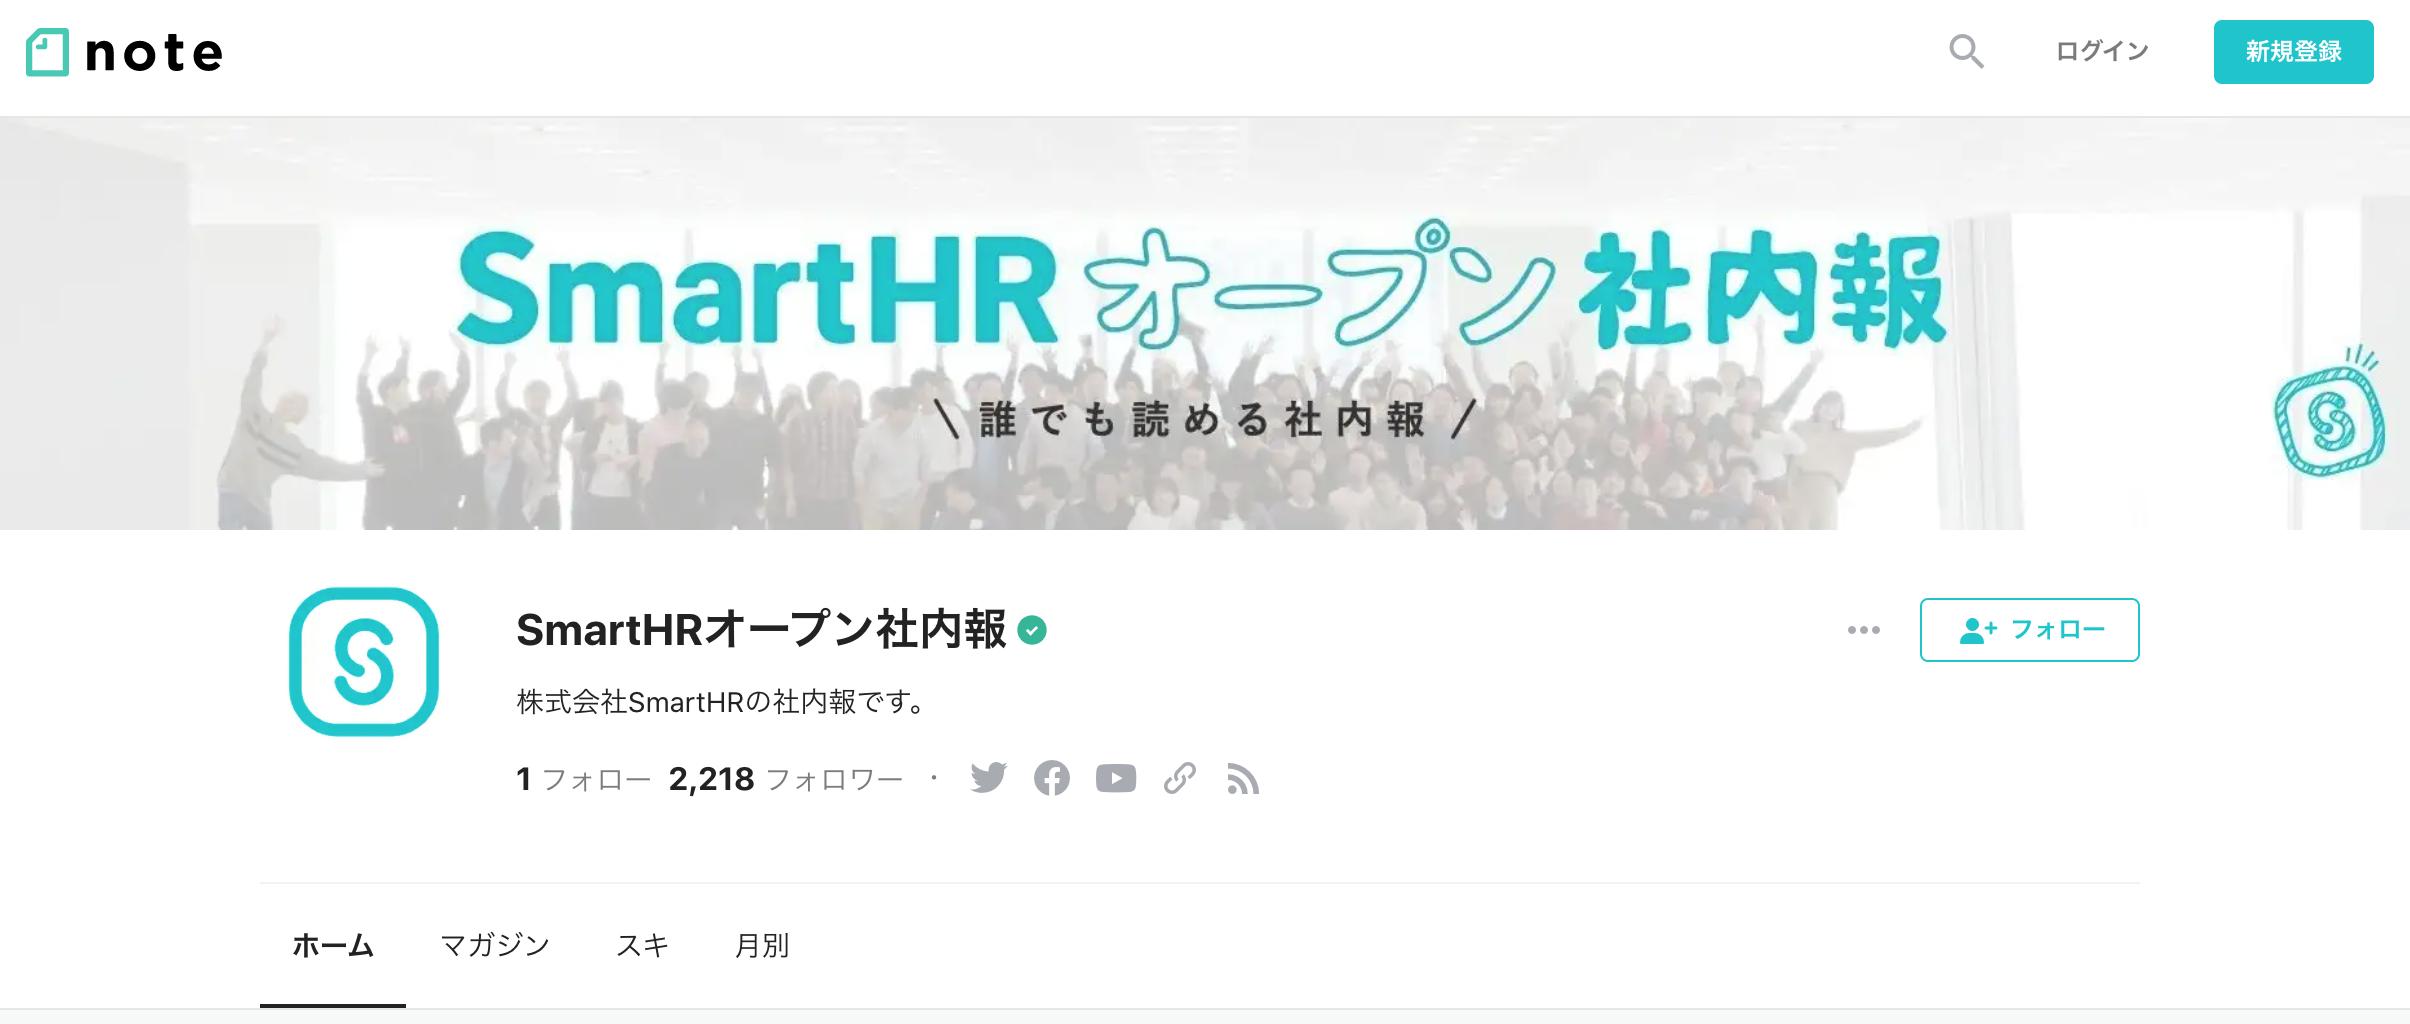 株式会社Smart HR